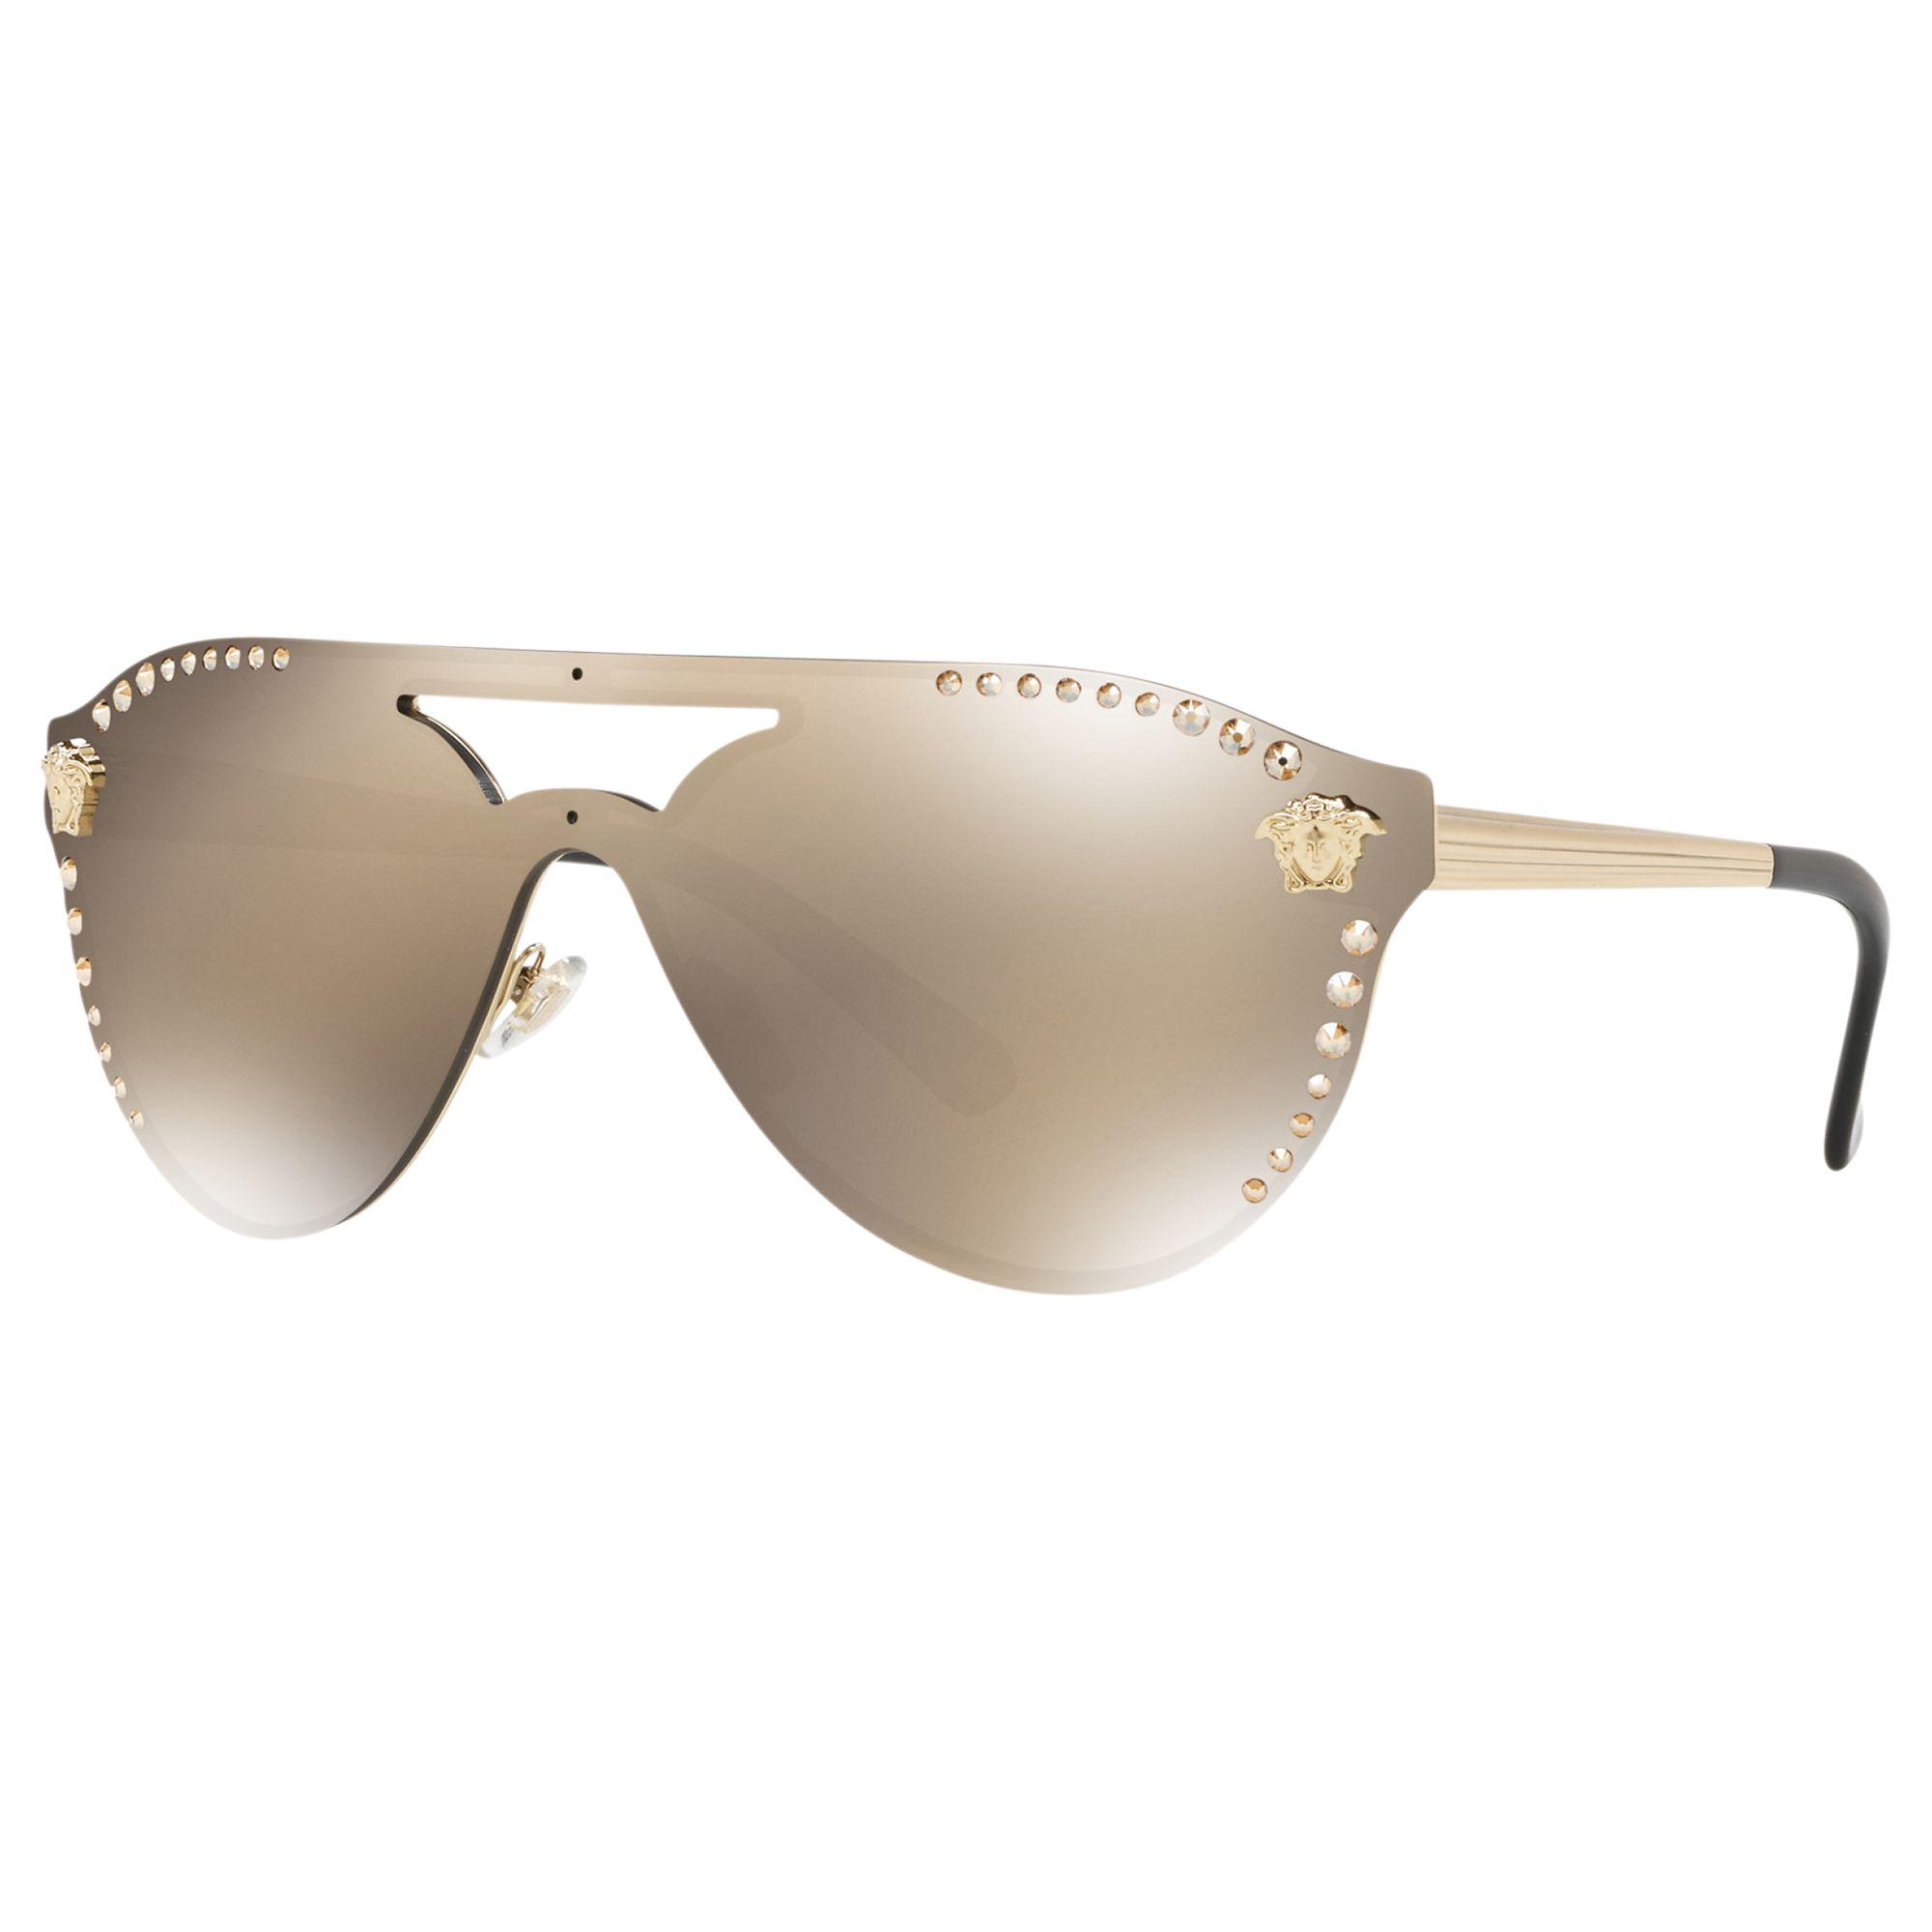 Versace Versace VE2161B Women's Studded Rectangular Sunglasses, Gold/Mirror Gold